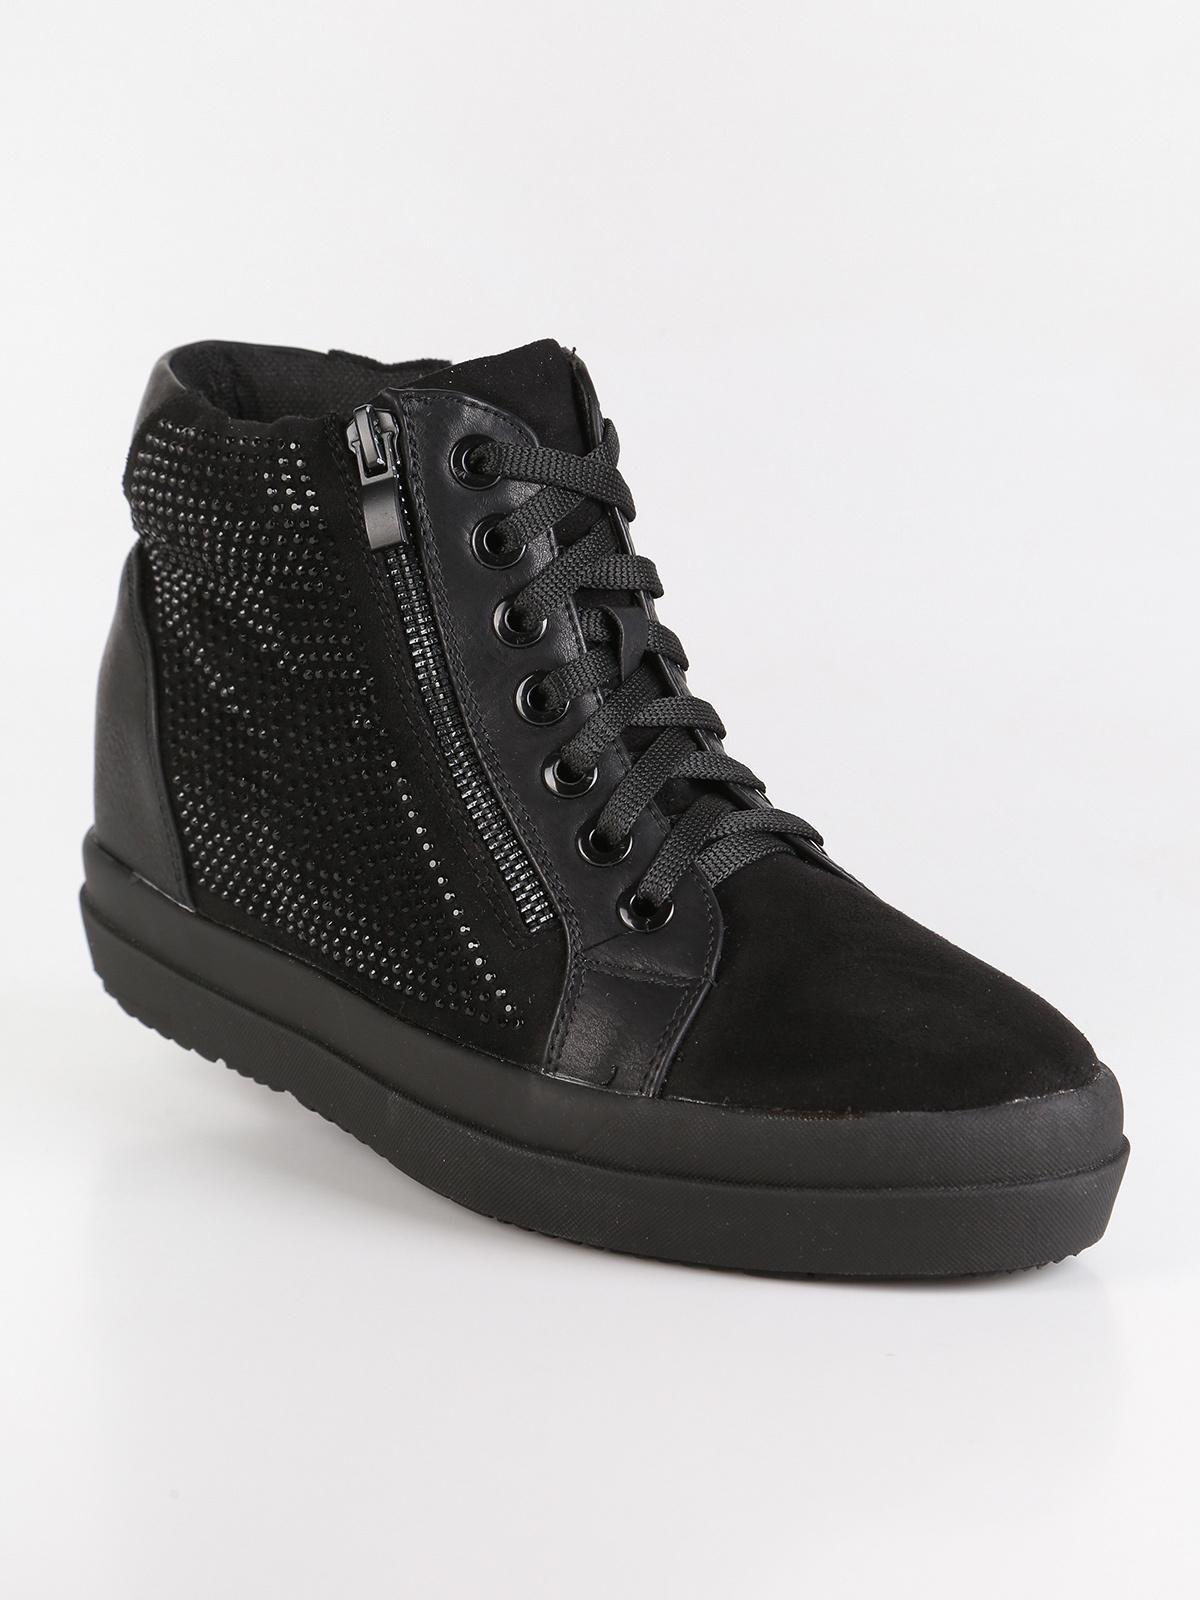 risparmia fino all'80% sulle immagini di piedi di vendita calda reale Sneakers alte con zeppa interna e strass - nero solada ...